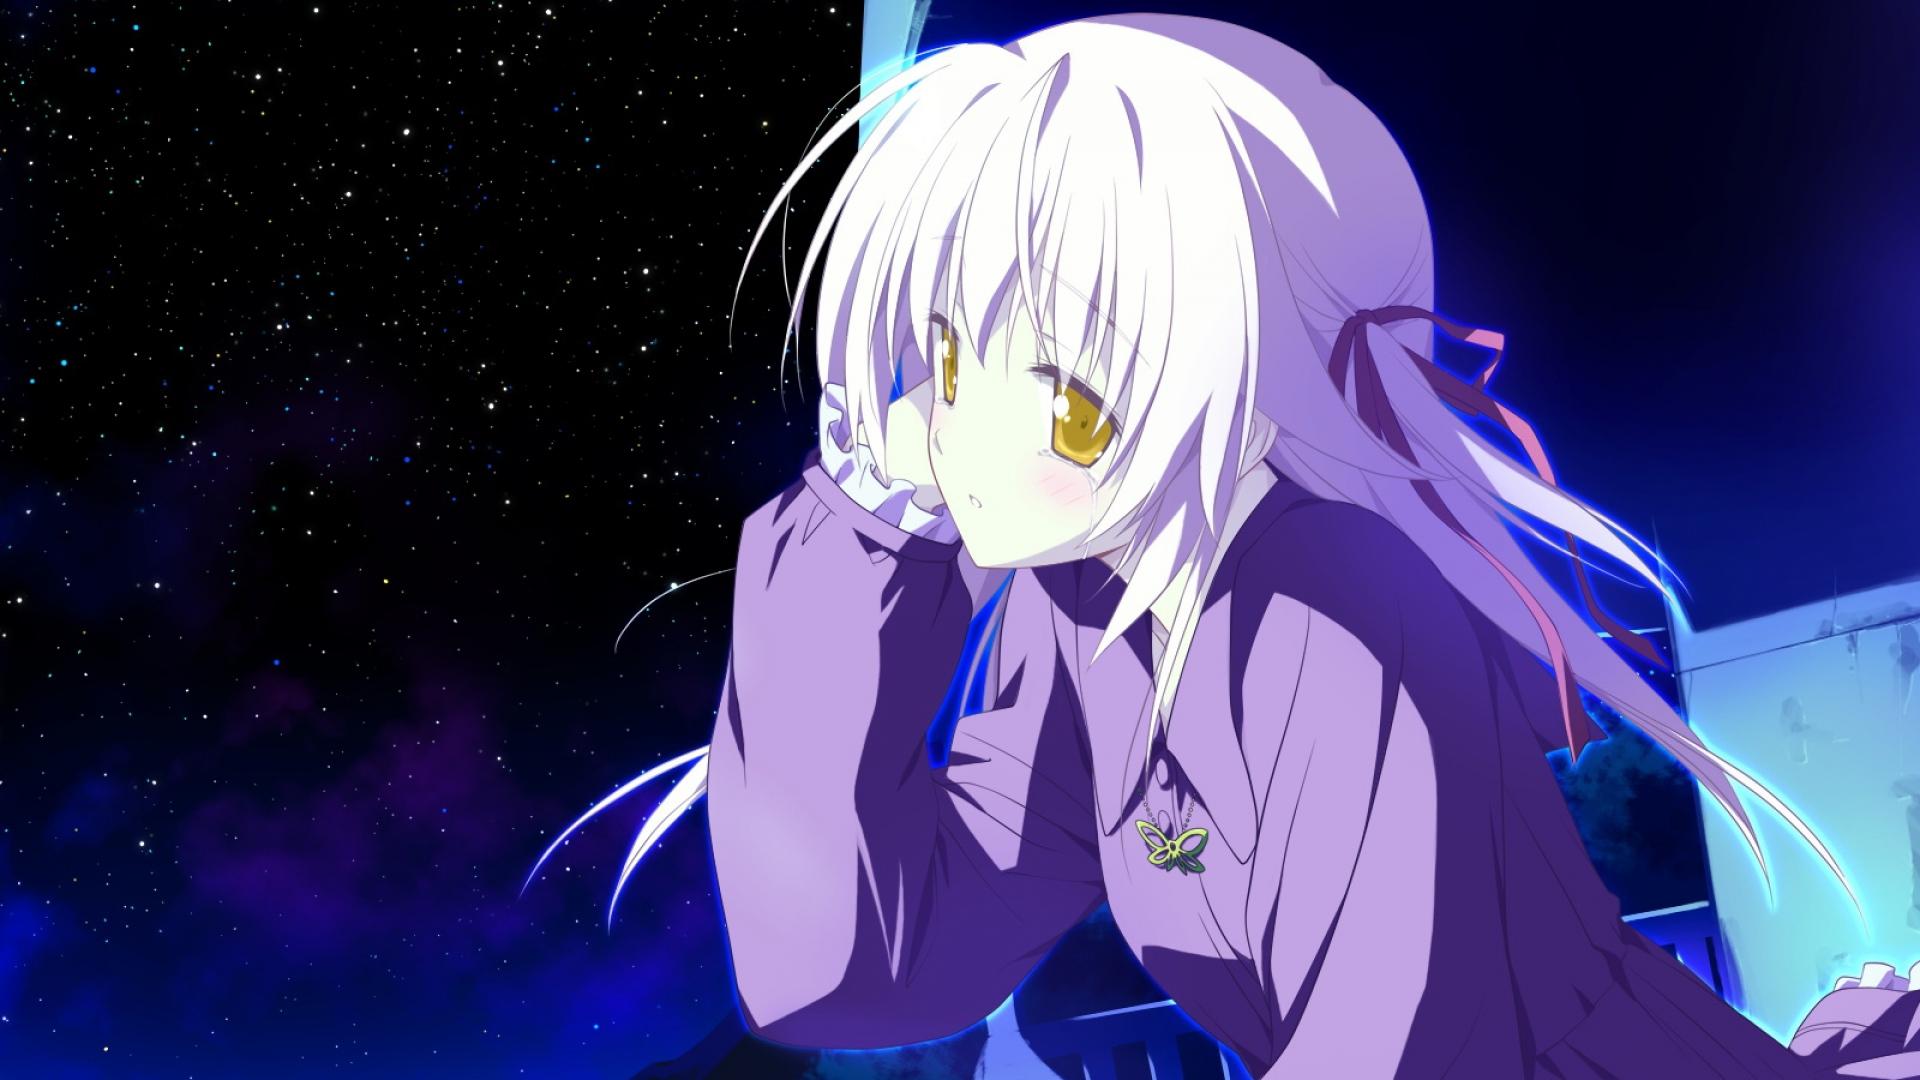 game cg, hoshizora no memoria, girl